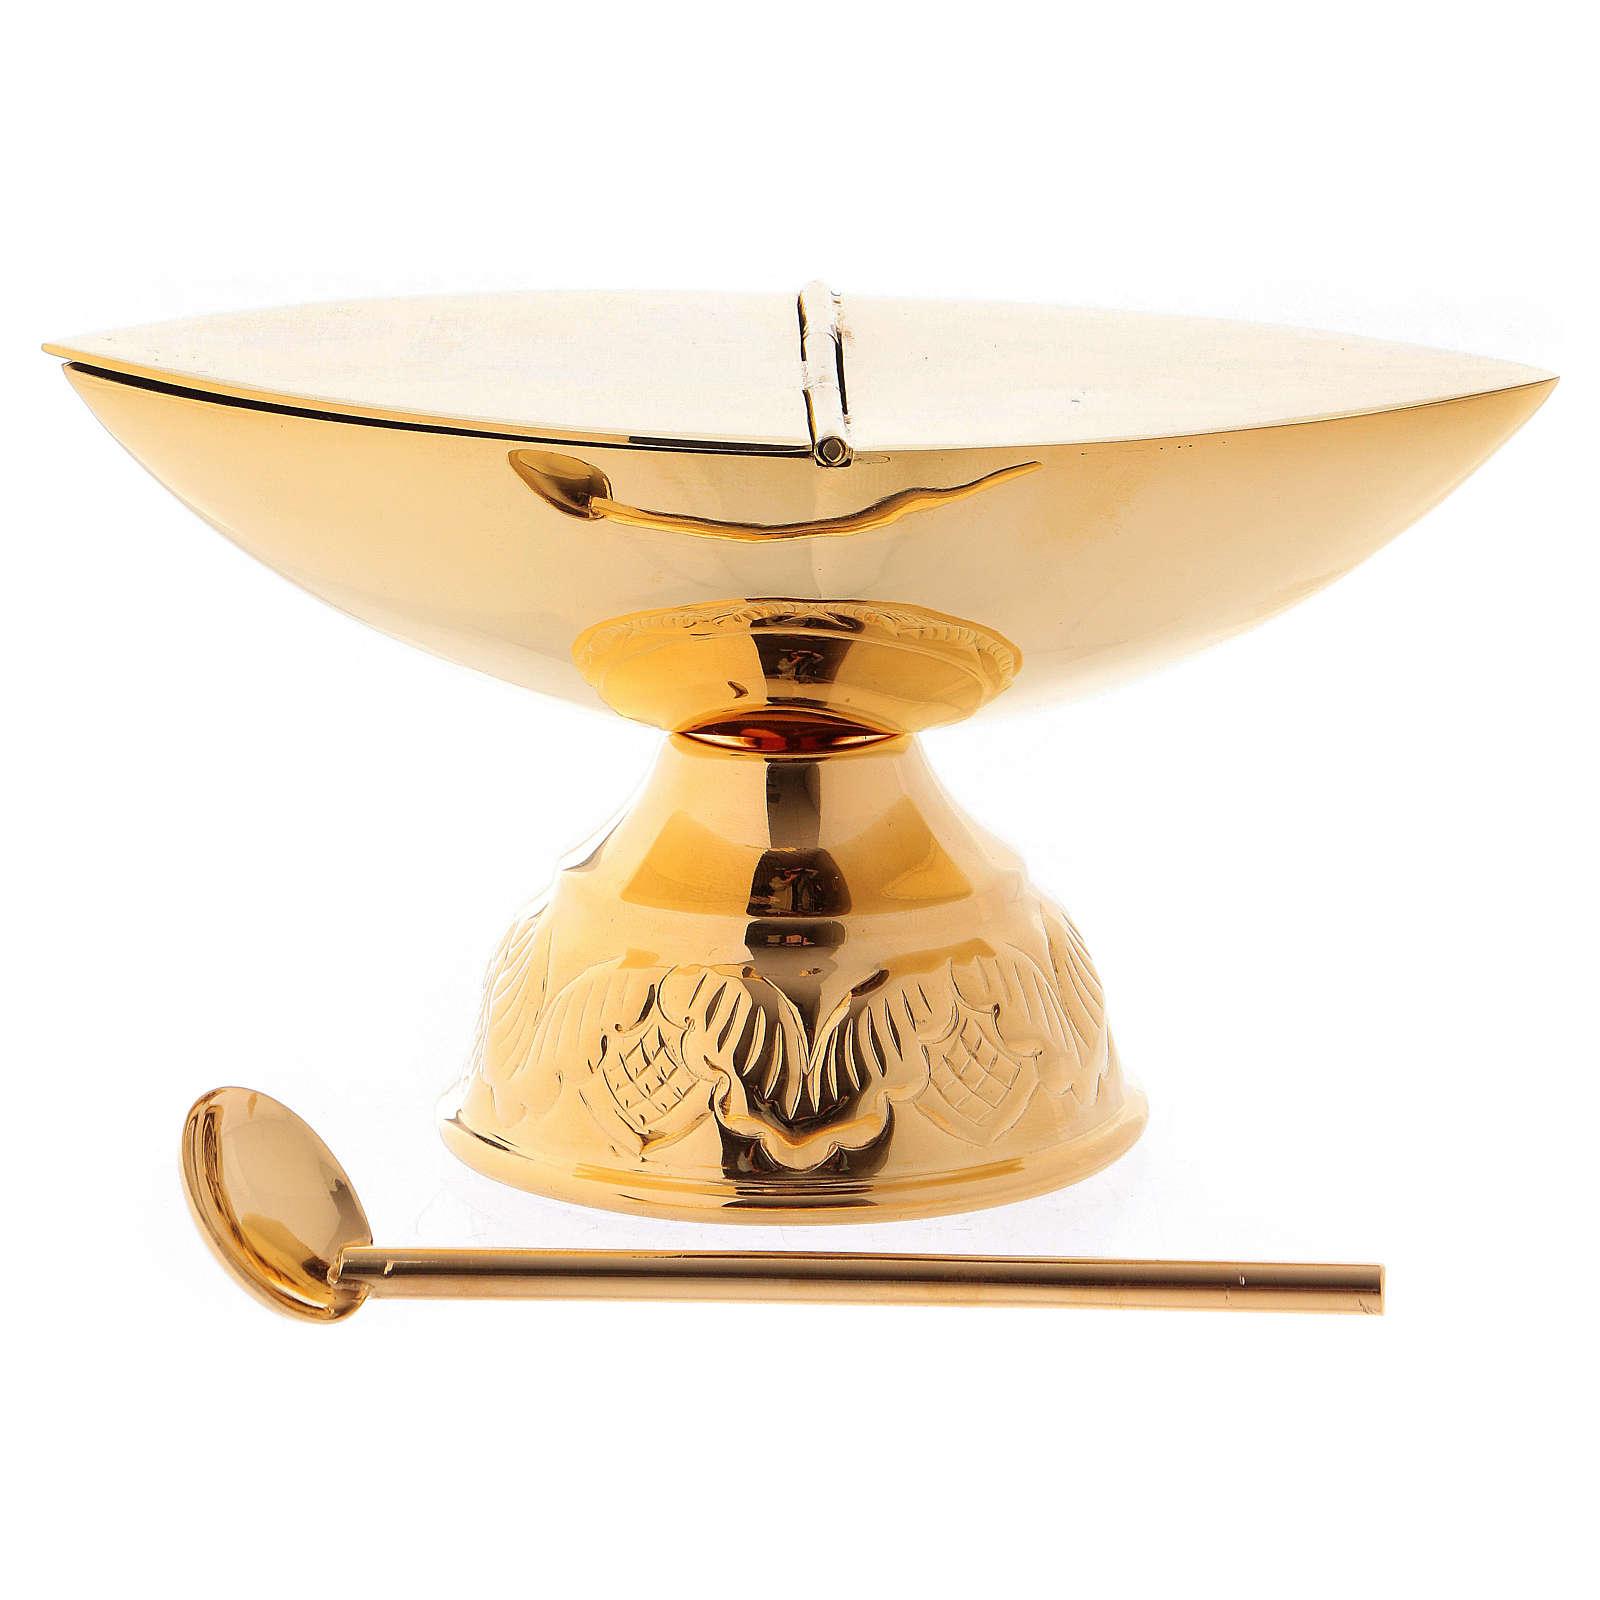 Incensario y naveta con cucharilla dorada 3